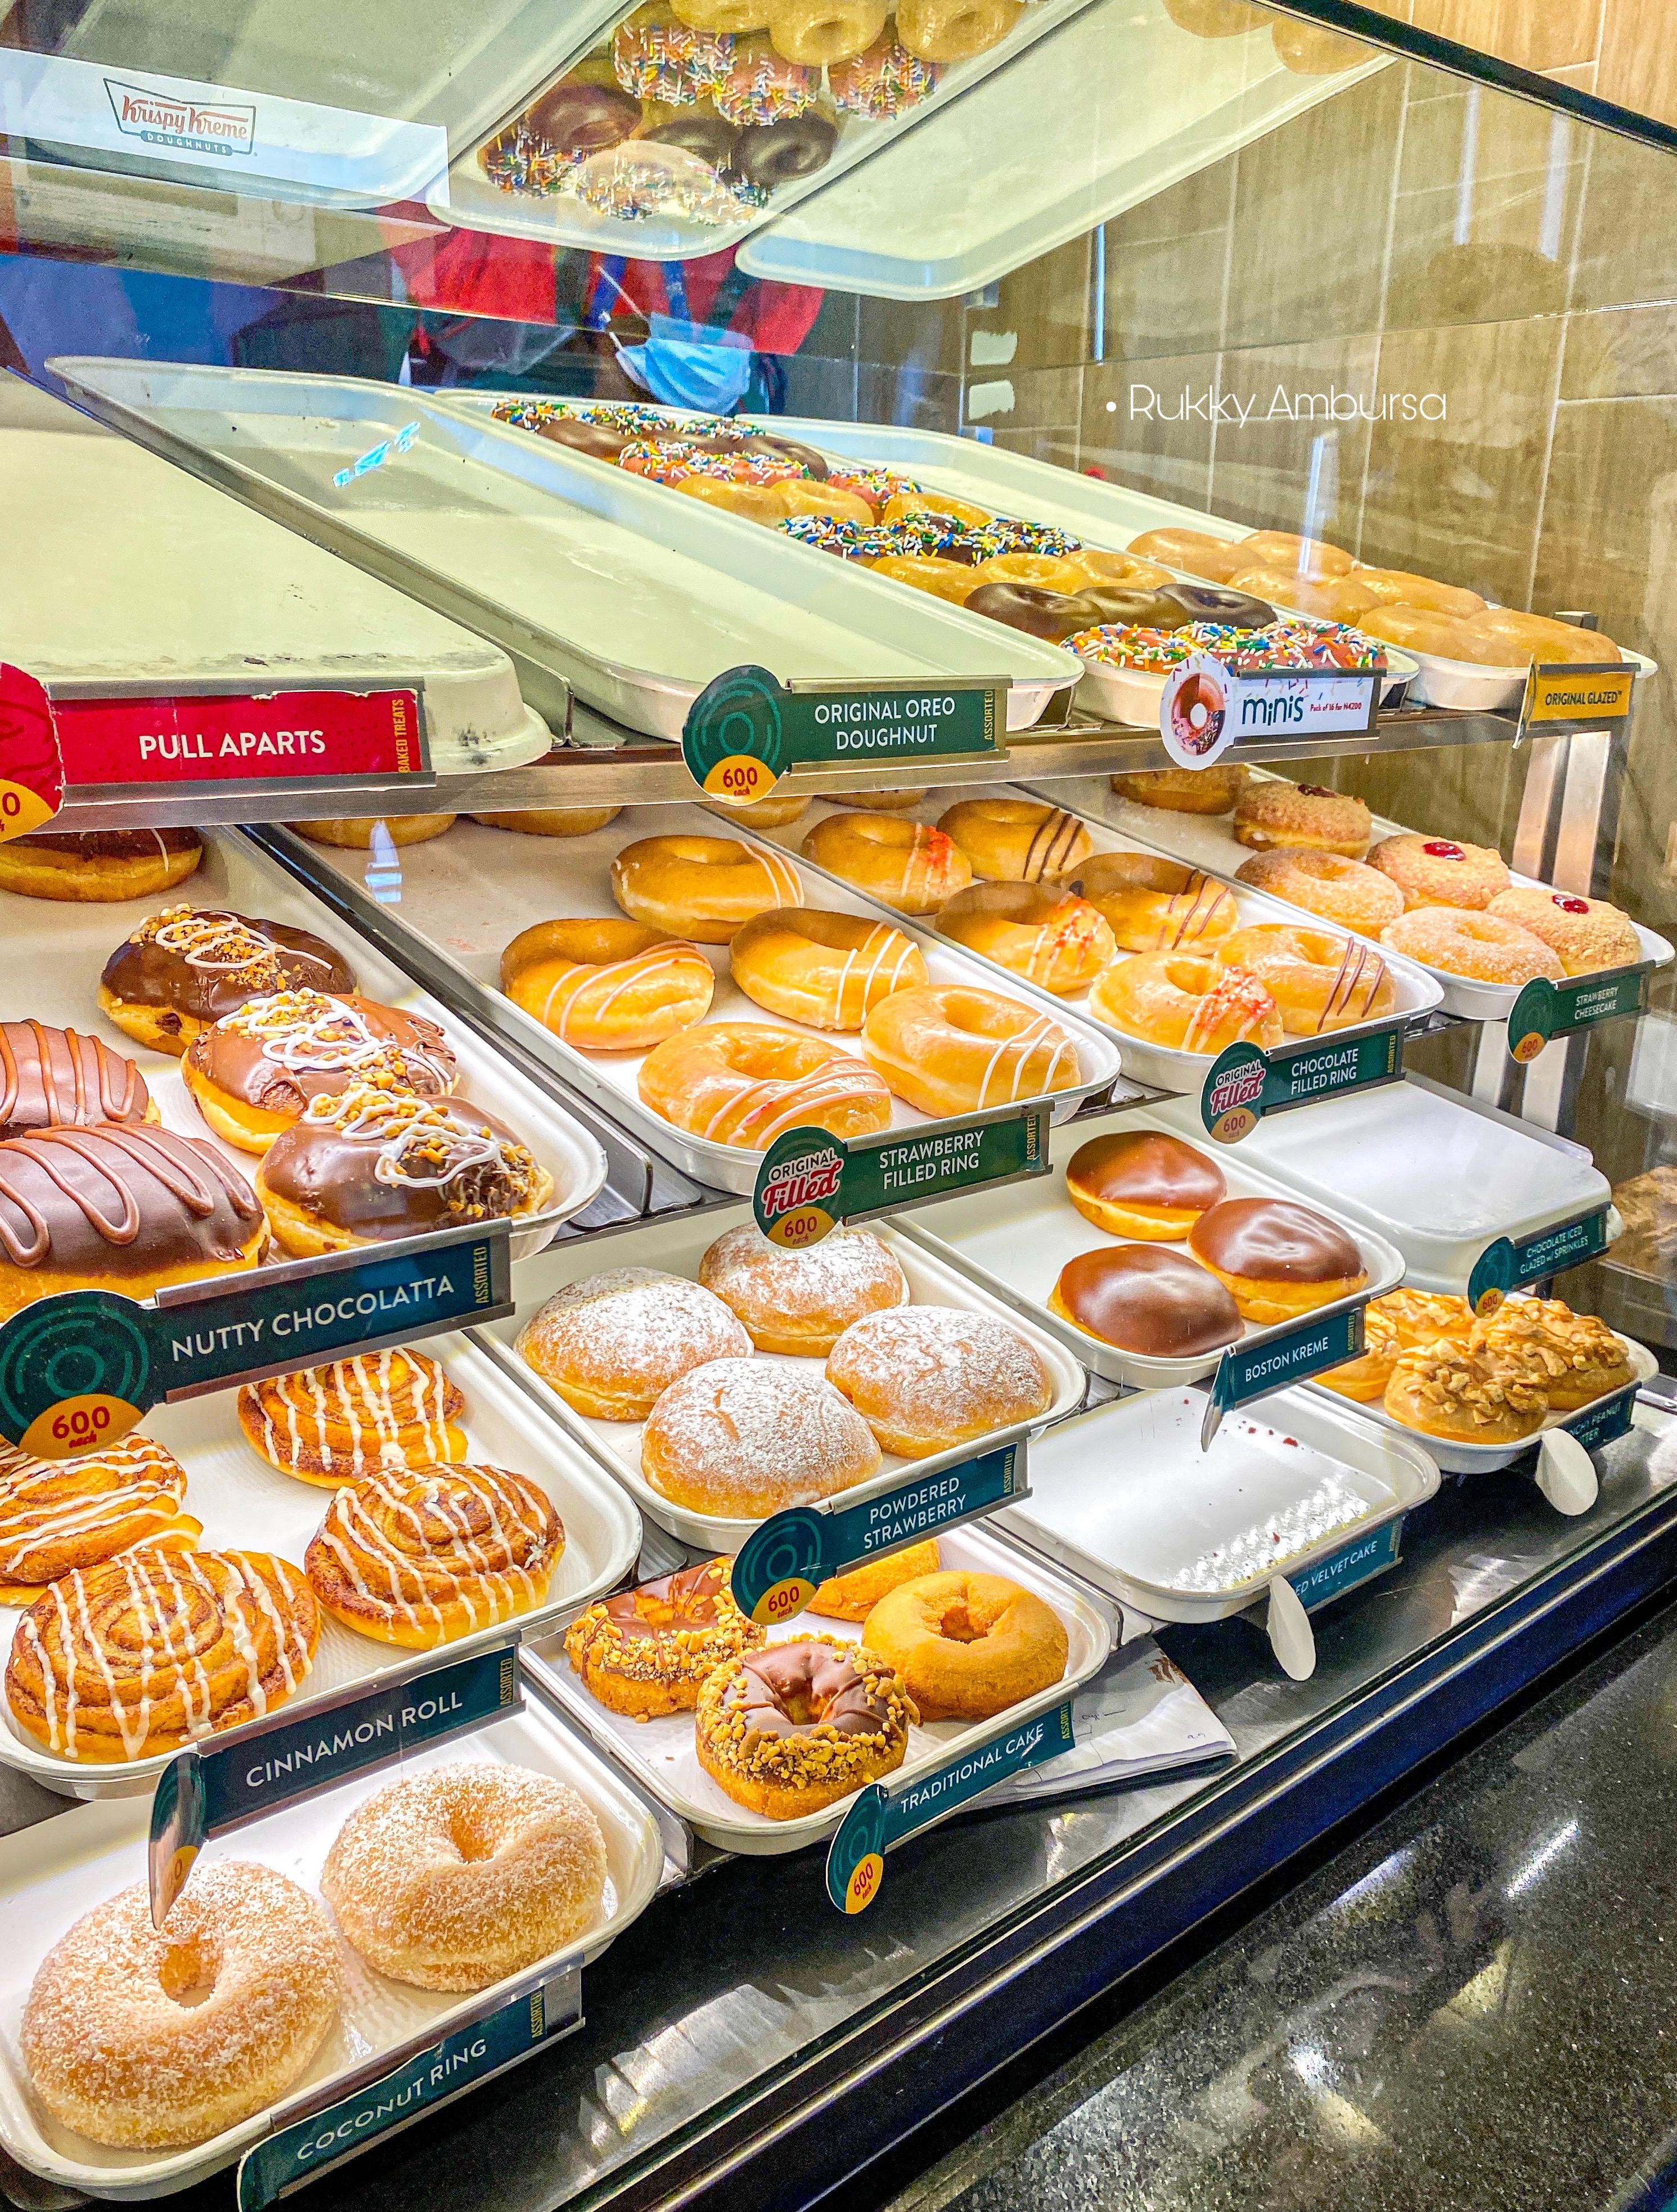 Krispy kreme Lagos Nigeria